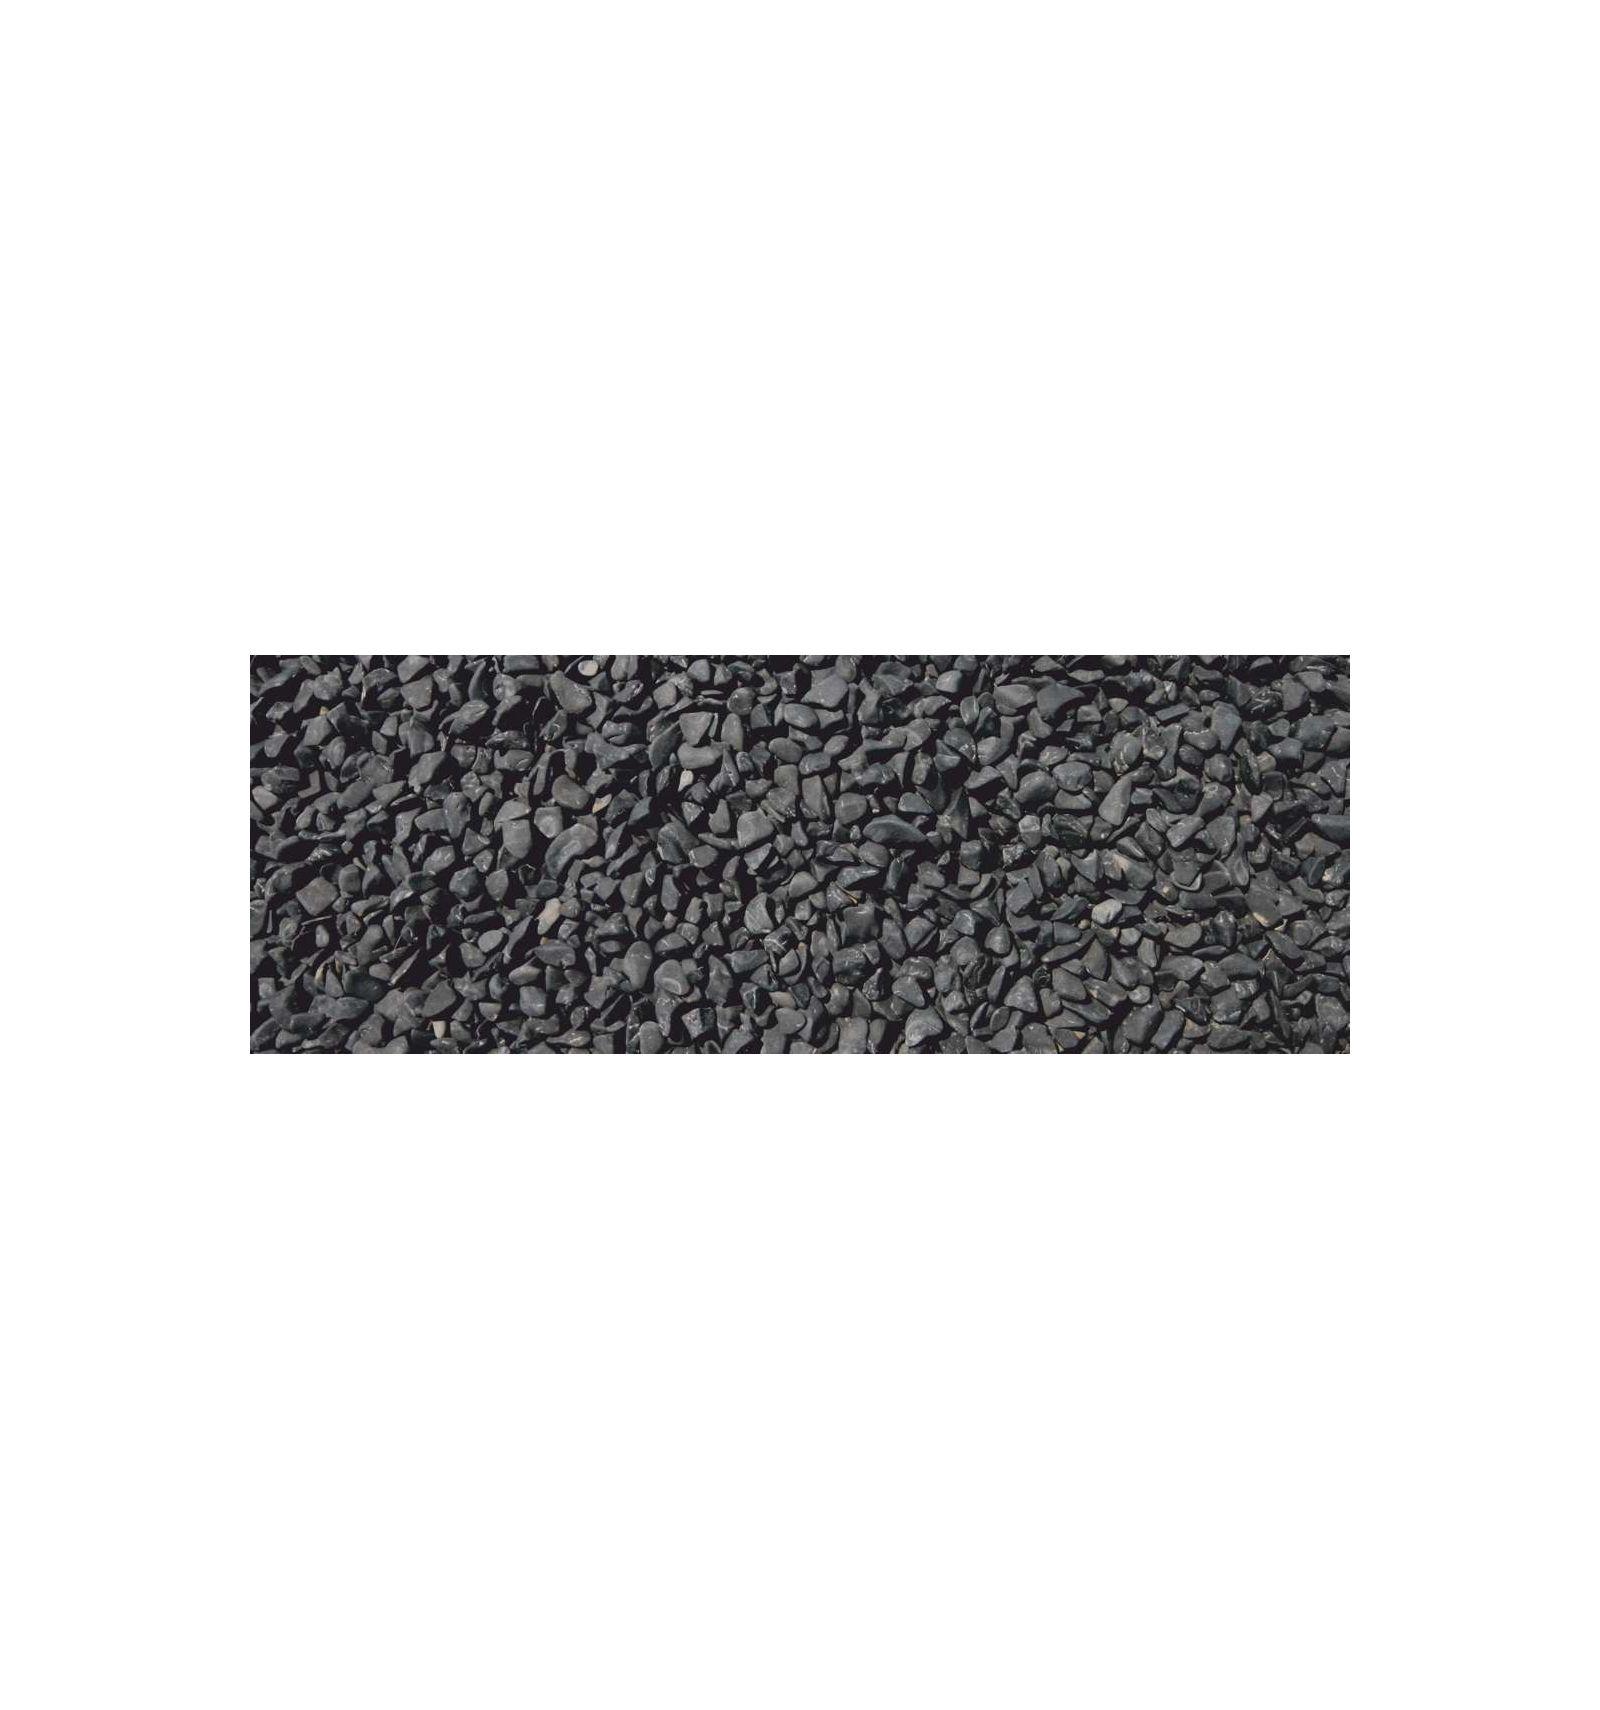 Schwarze Kieselsteine, Naturstein Basaltischen à Velestone Avis